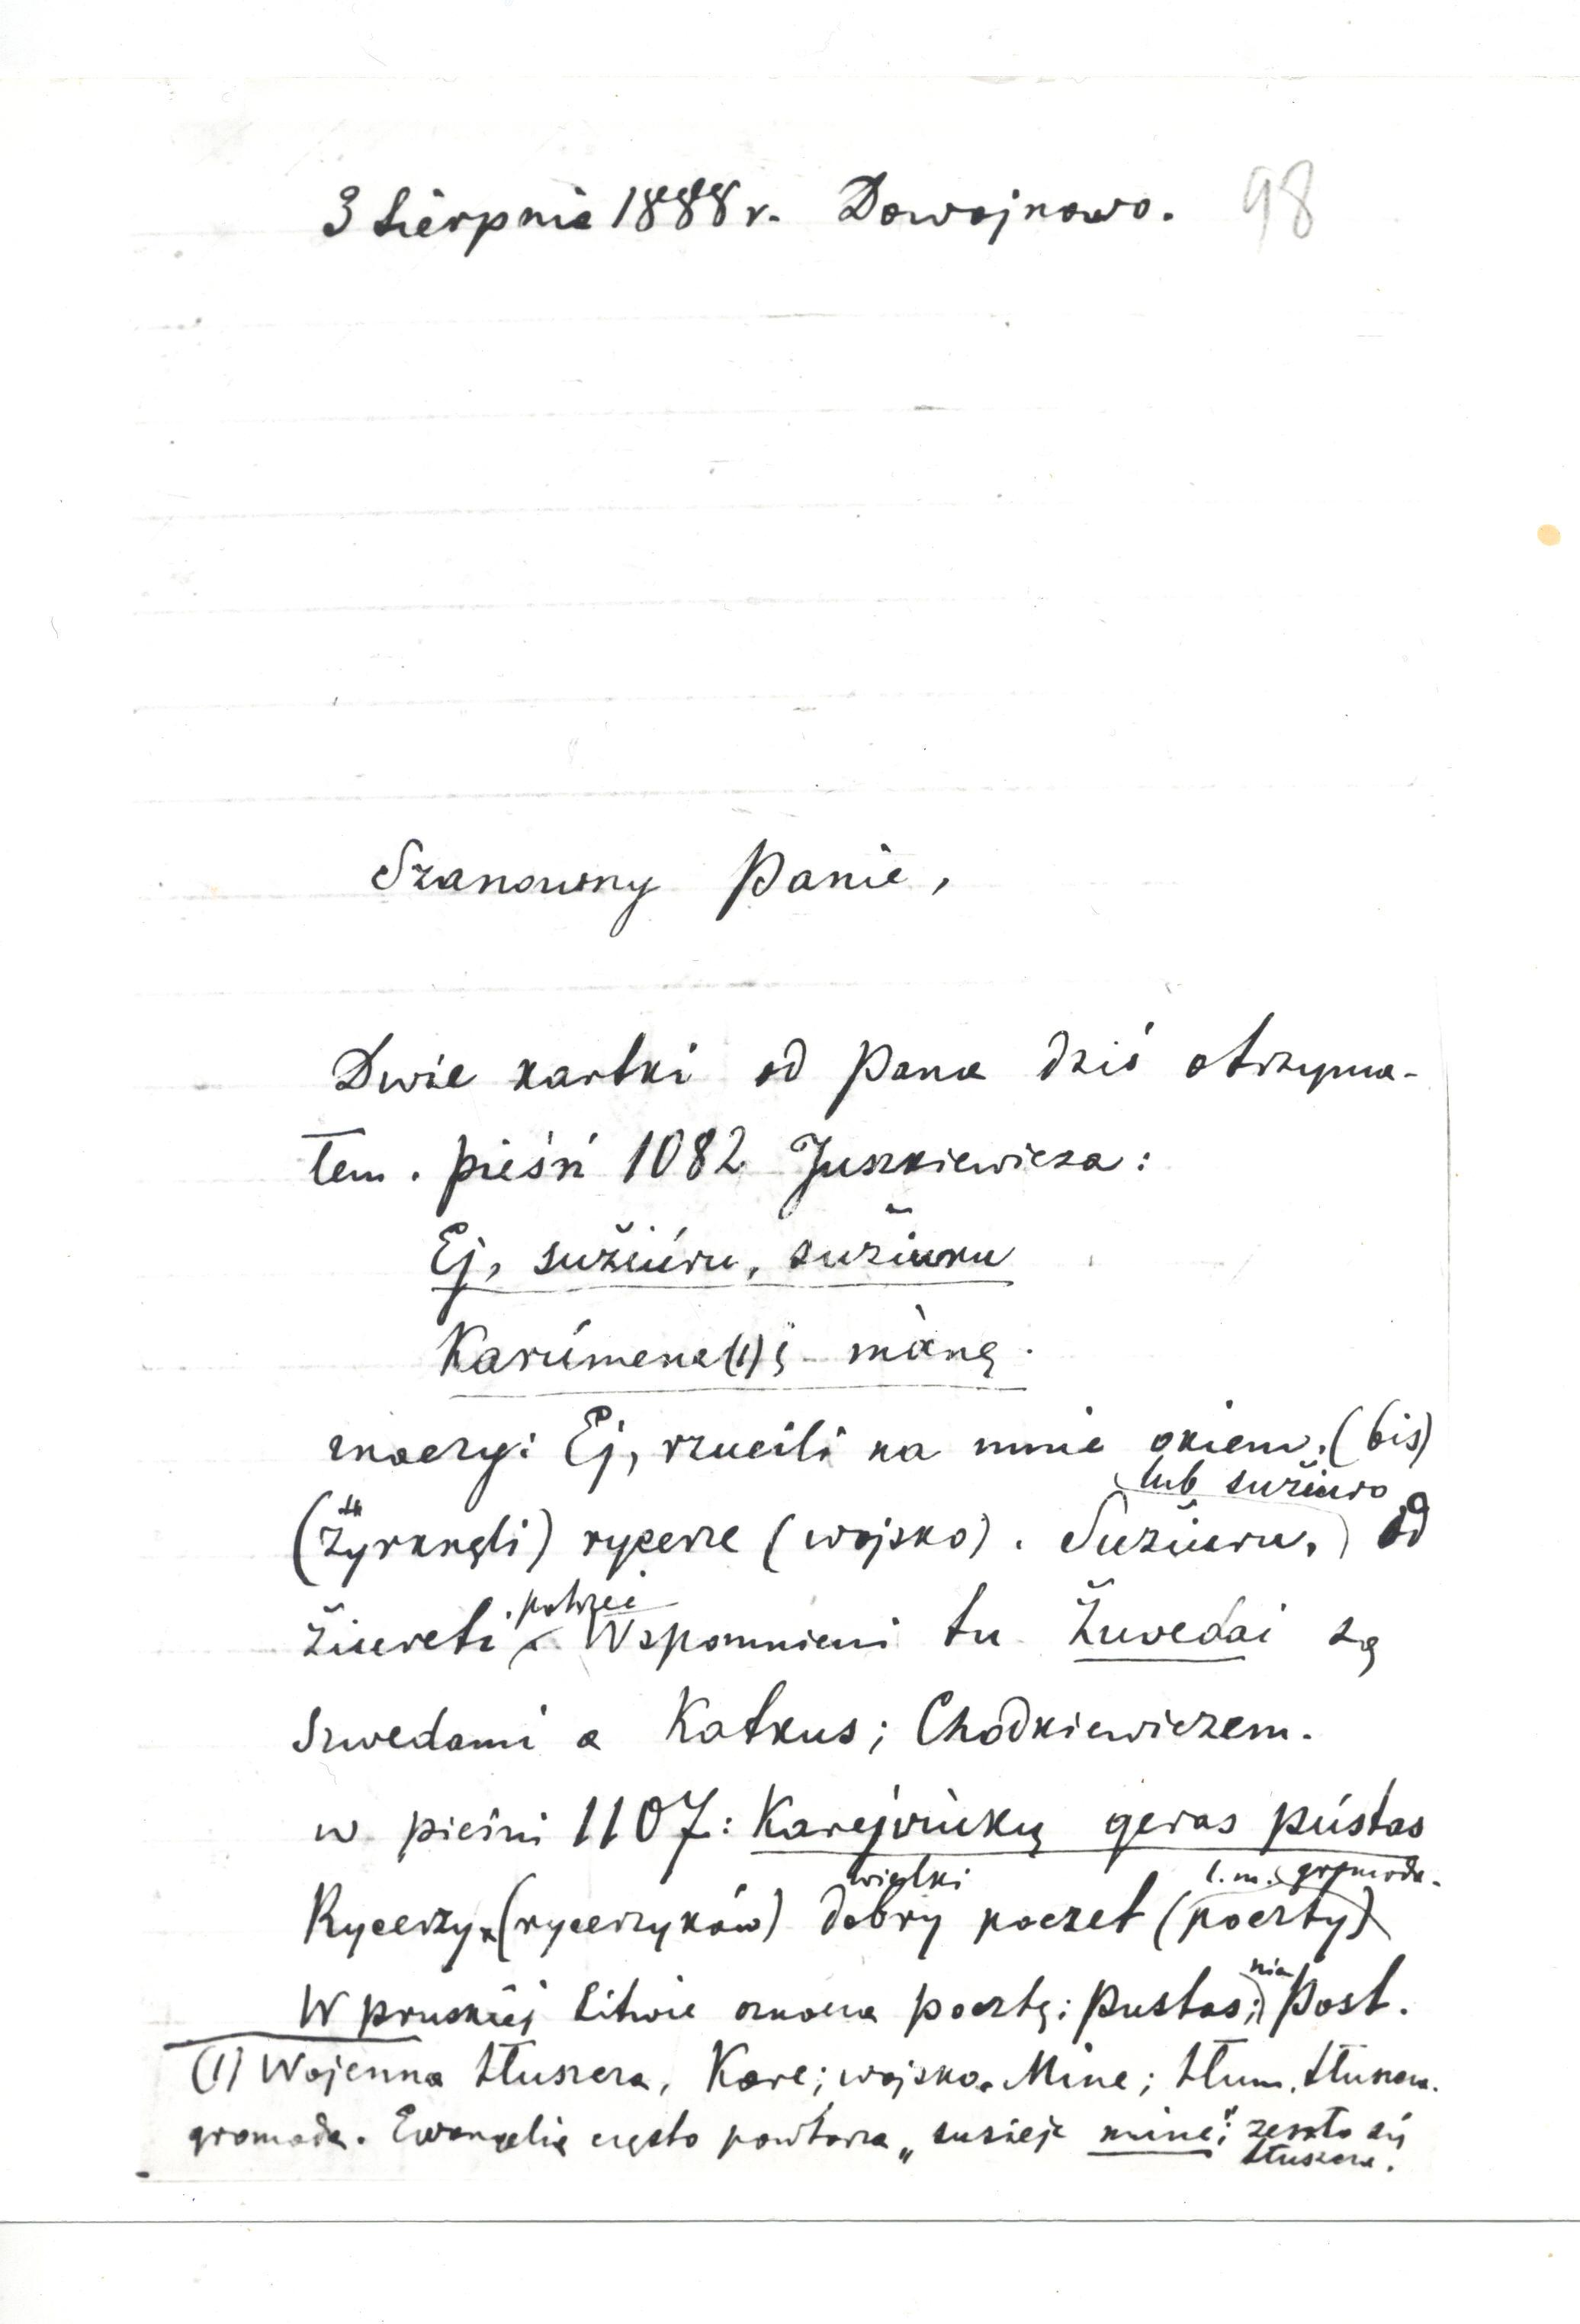 Antano Juškos dainos žodžių interpretacijos M. Dovoinos-Silvestravičiaus 1888 m. rugpjūčio 15 (3) d. laiške J. Karlovičiui. LVIA, ap. 10, b. 95, l. 98.